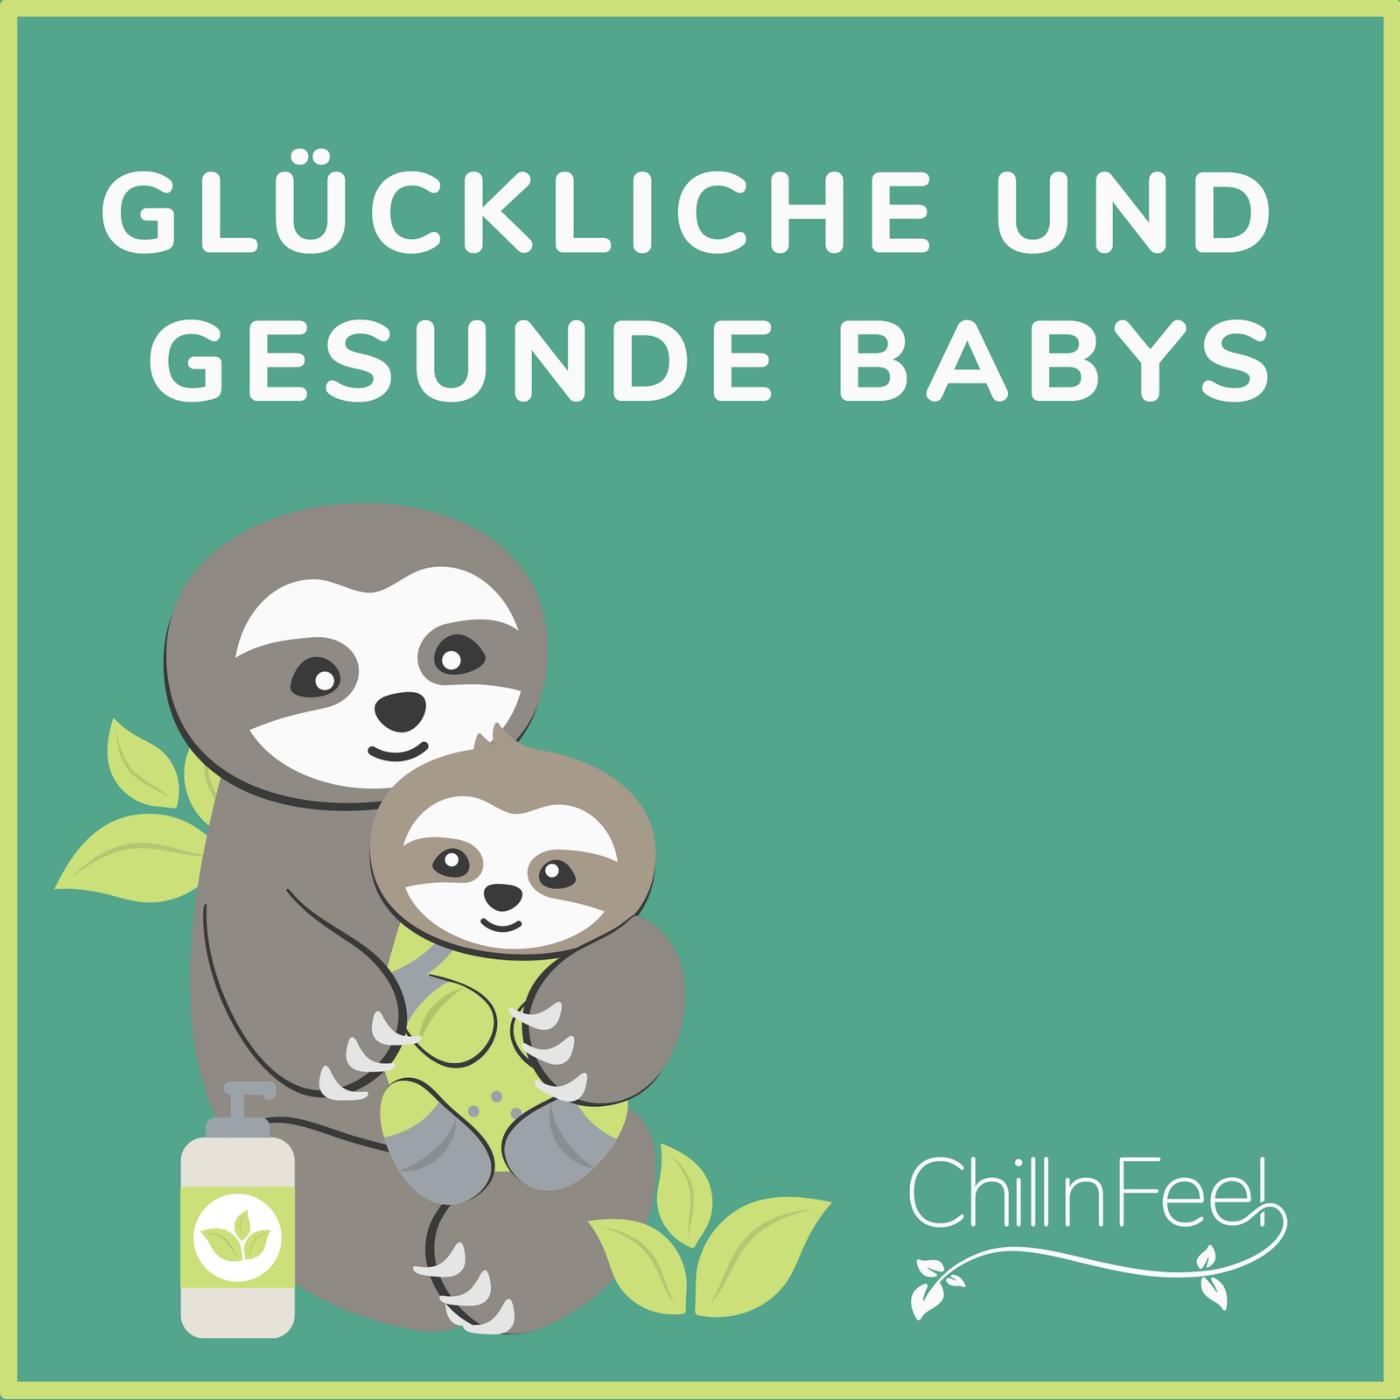 Chill n Feel - Podcast für glückliche und gesunde Babys